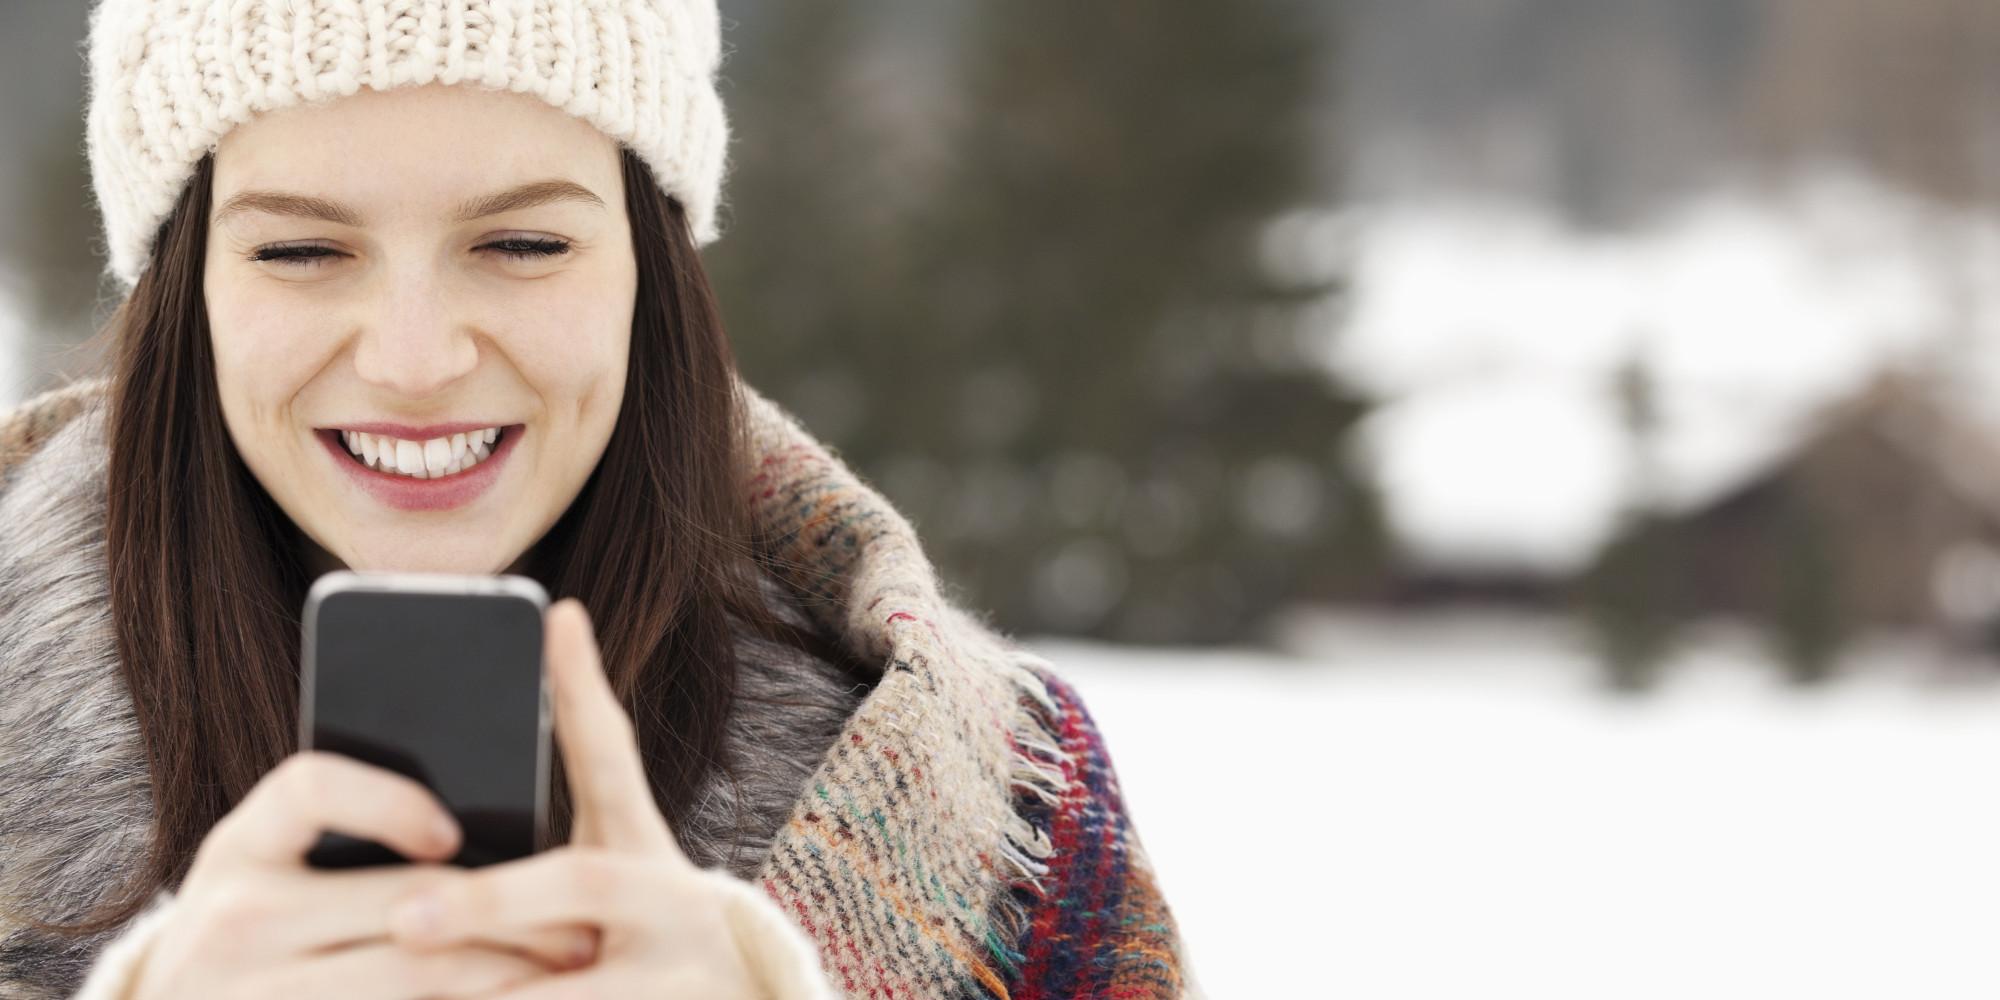 Bí quyết sử dụng wifi miễn phí khi du lịch